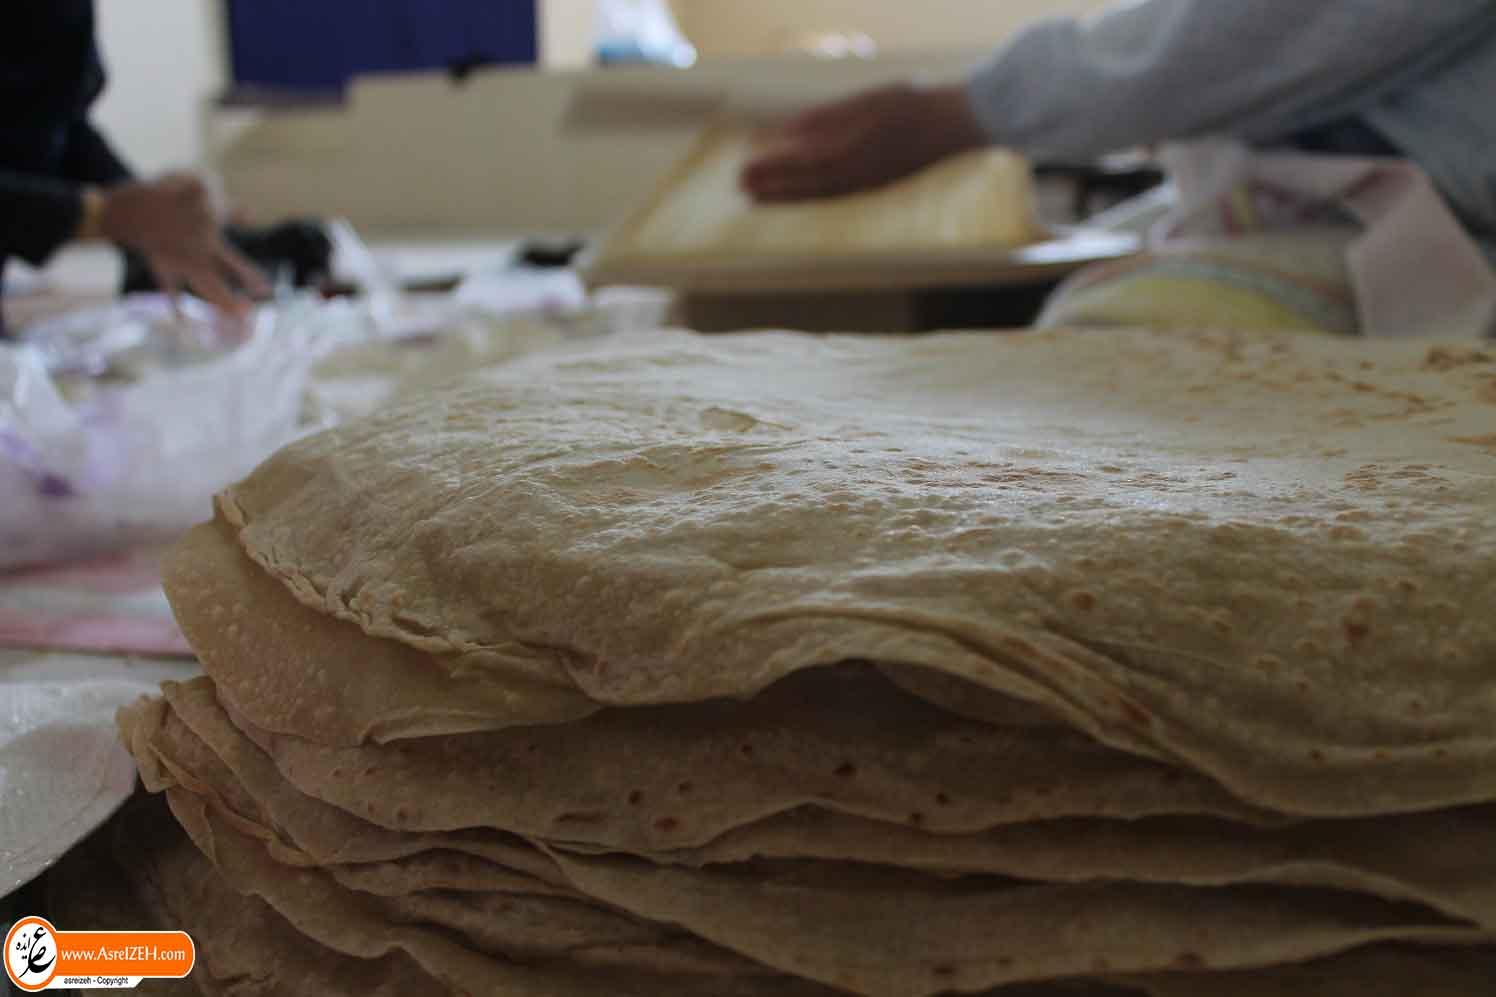 نان این روزهای زنان بختیاری بر سفرههای مسافران کربلا + تصاویر